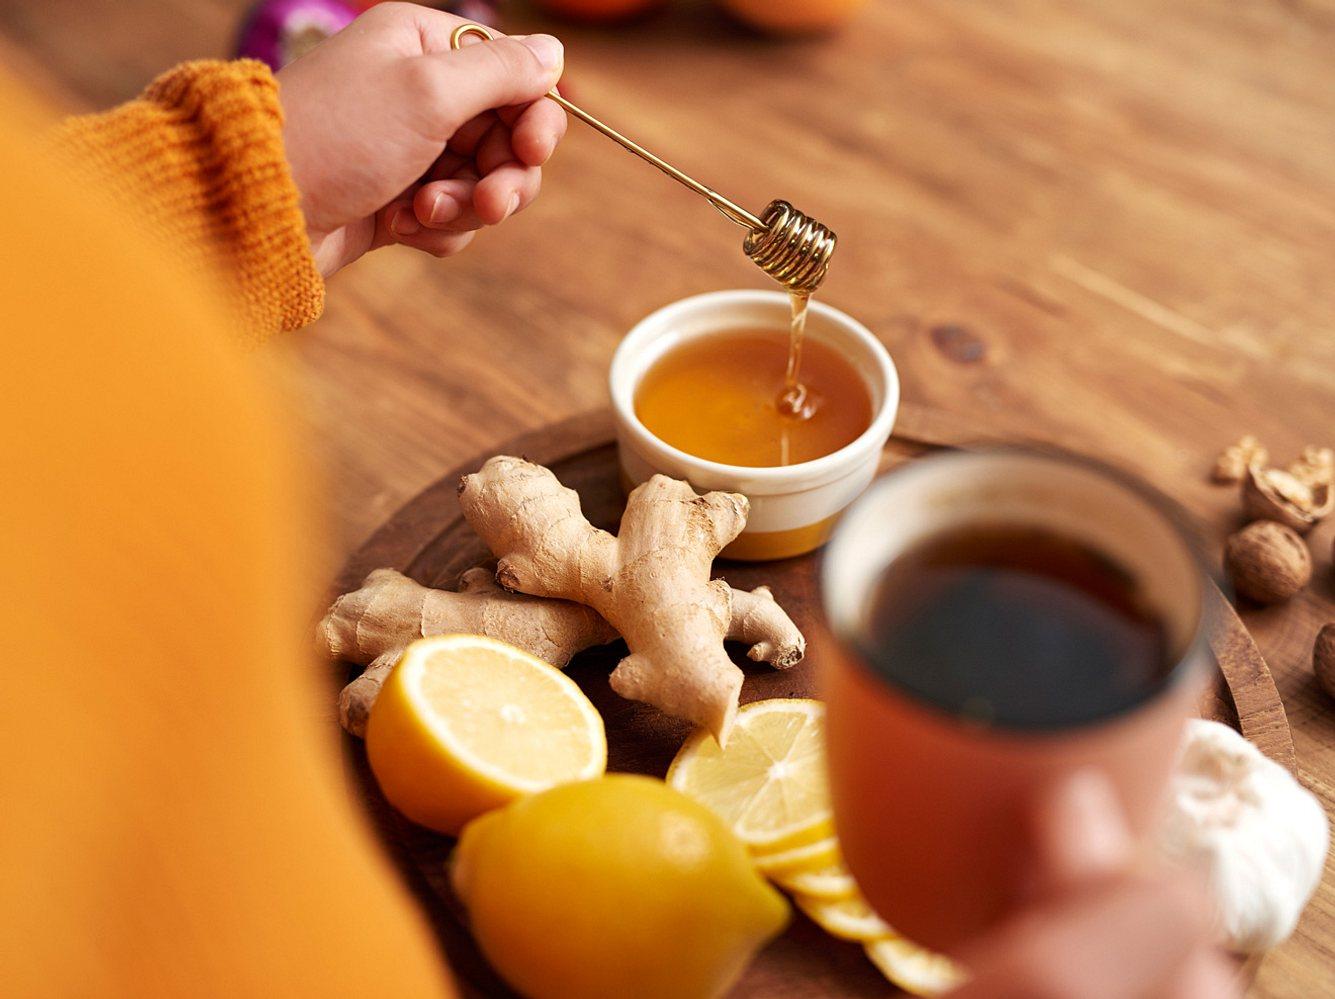 Natürliche Helfer gegen Erkältungssymptome